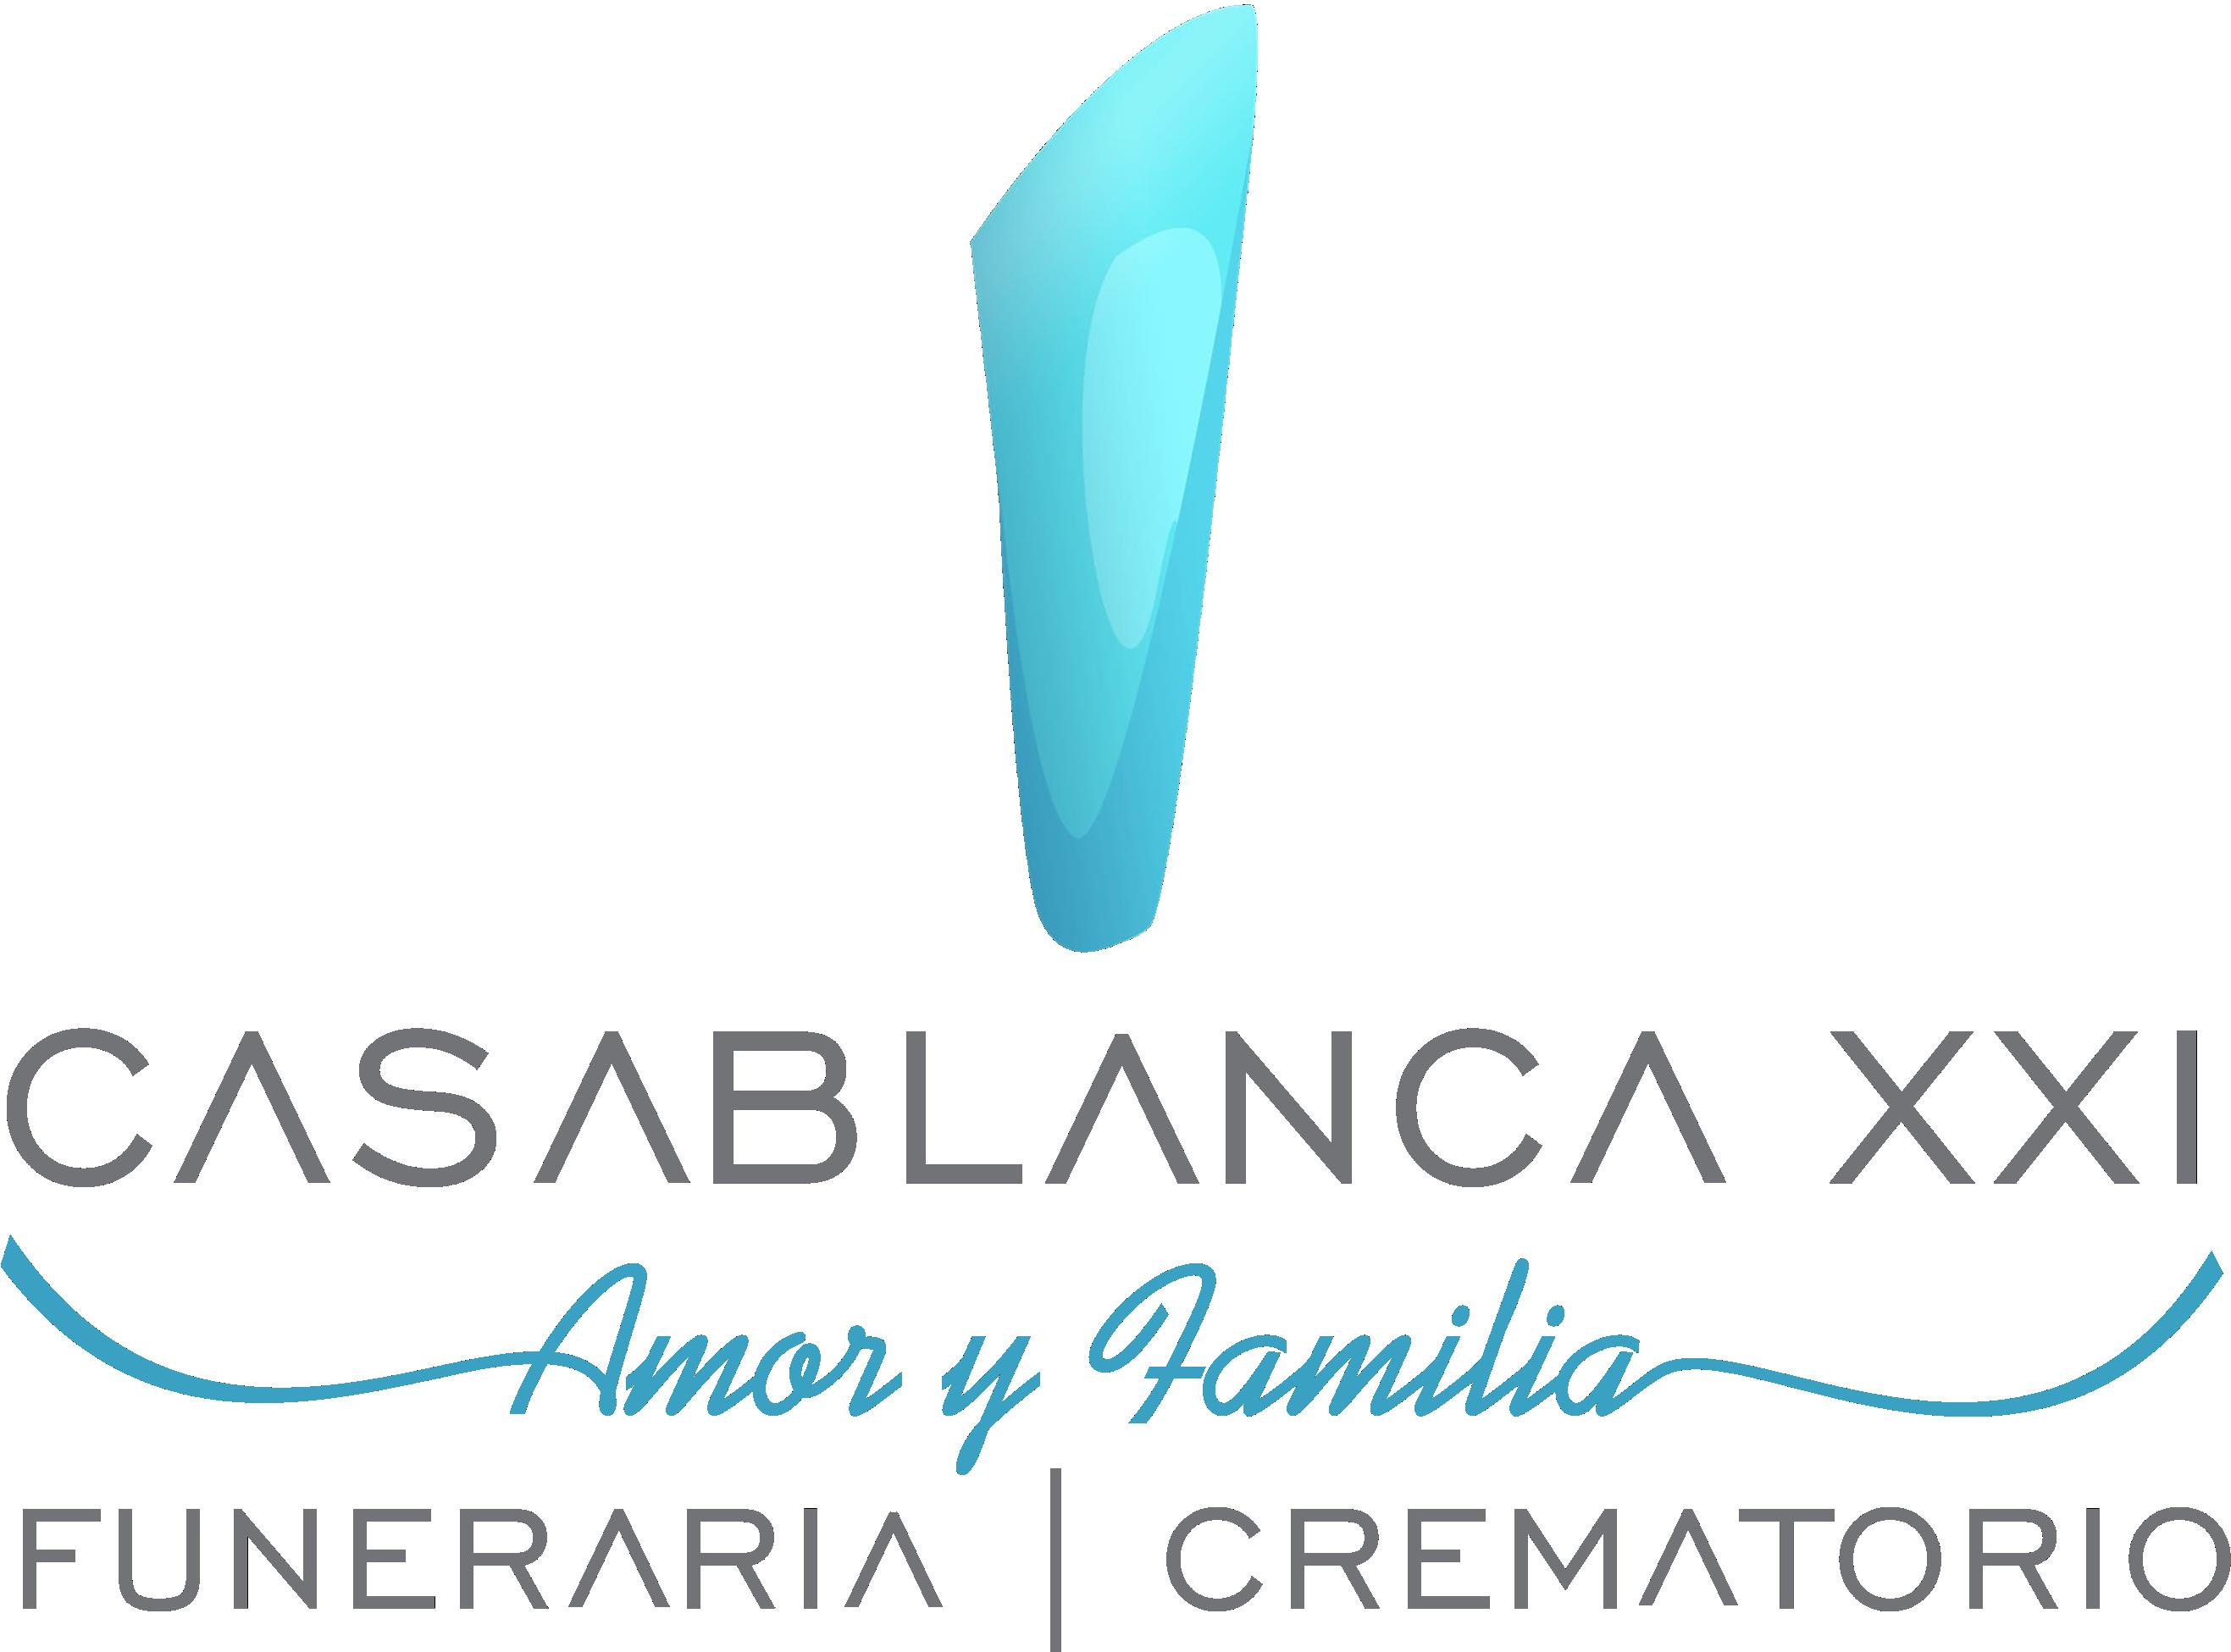 Casablanca XXI